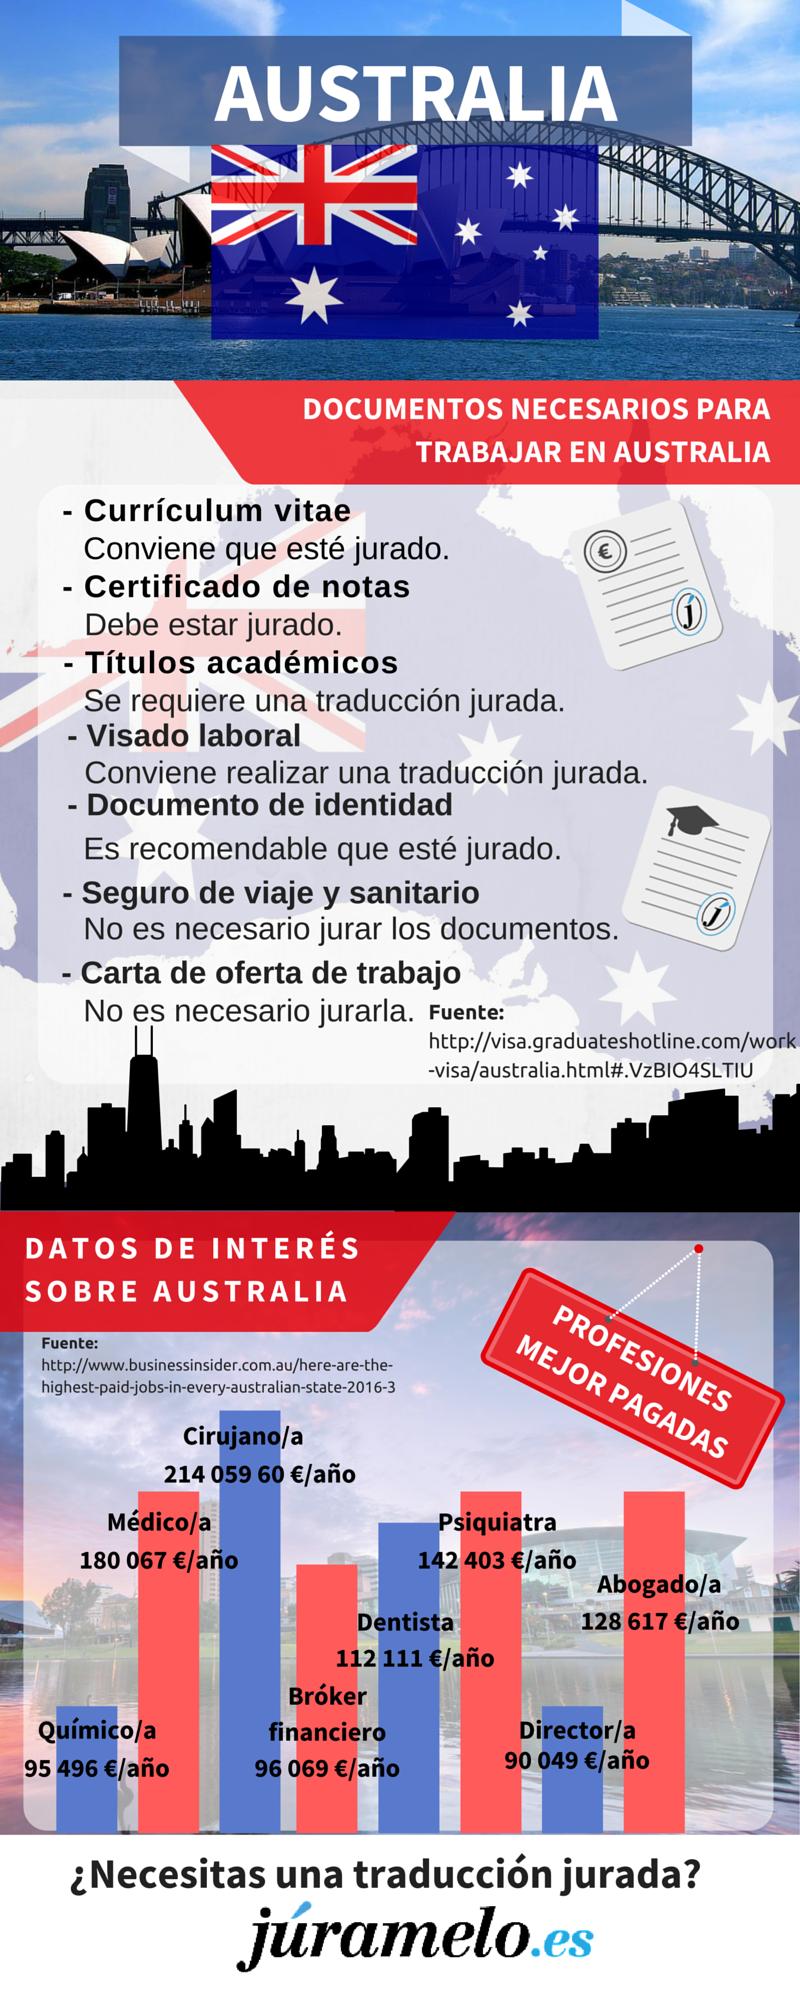 Descarga aquí el PDF de nuestra infografía sobre los documentos que necesitas en Australia, así como algún otro dato de interés.